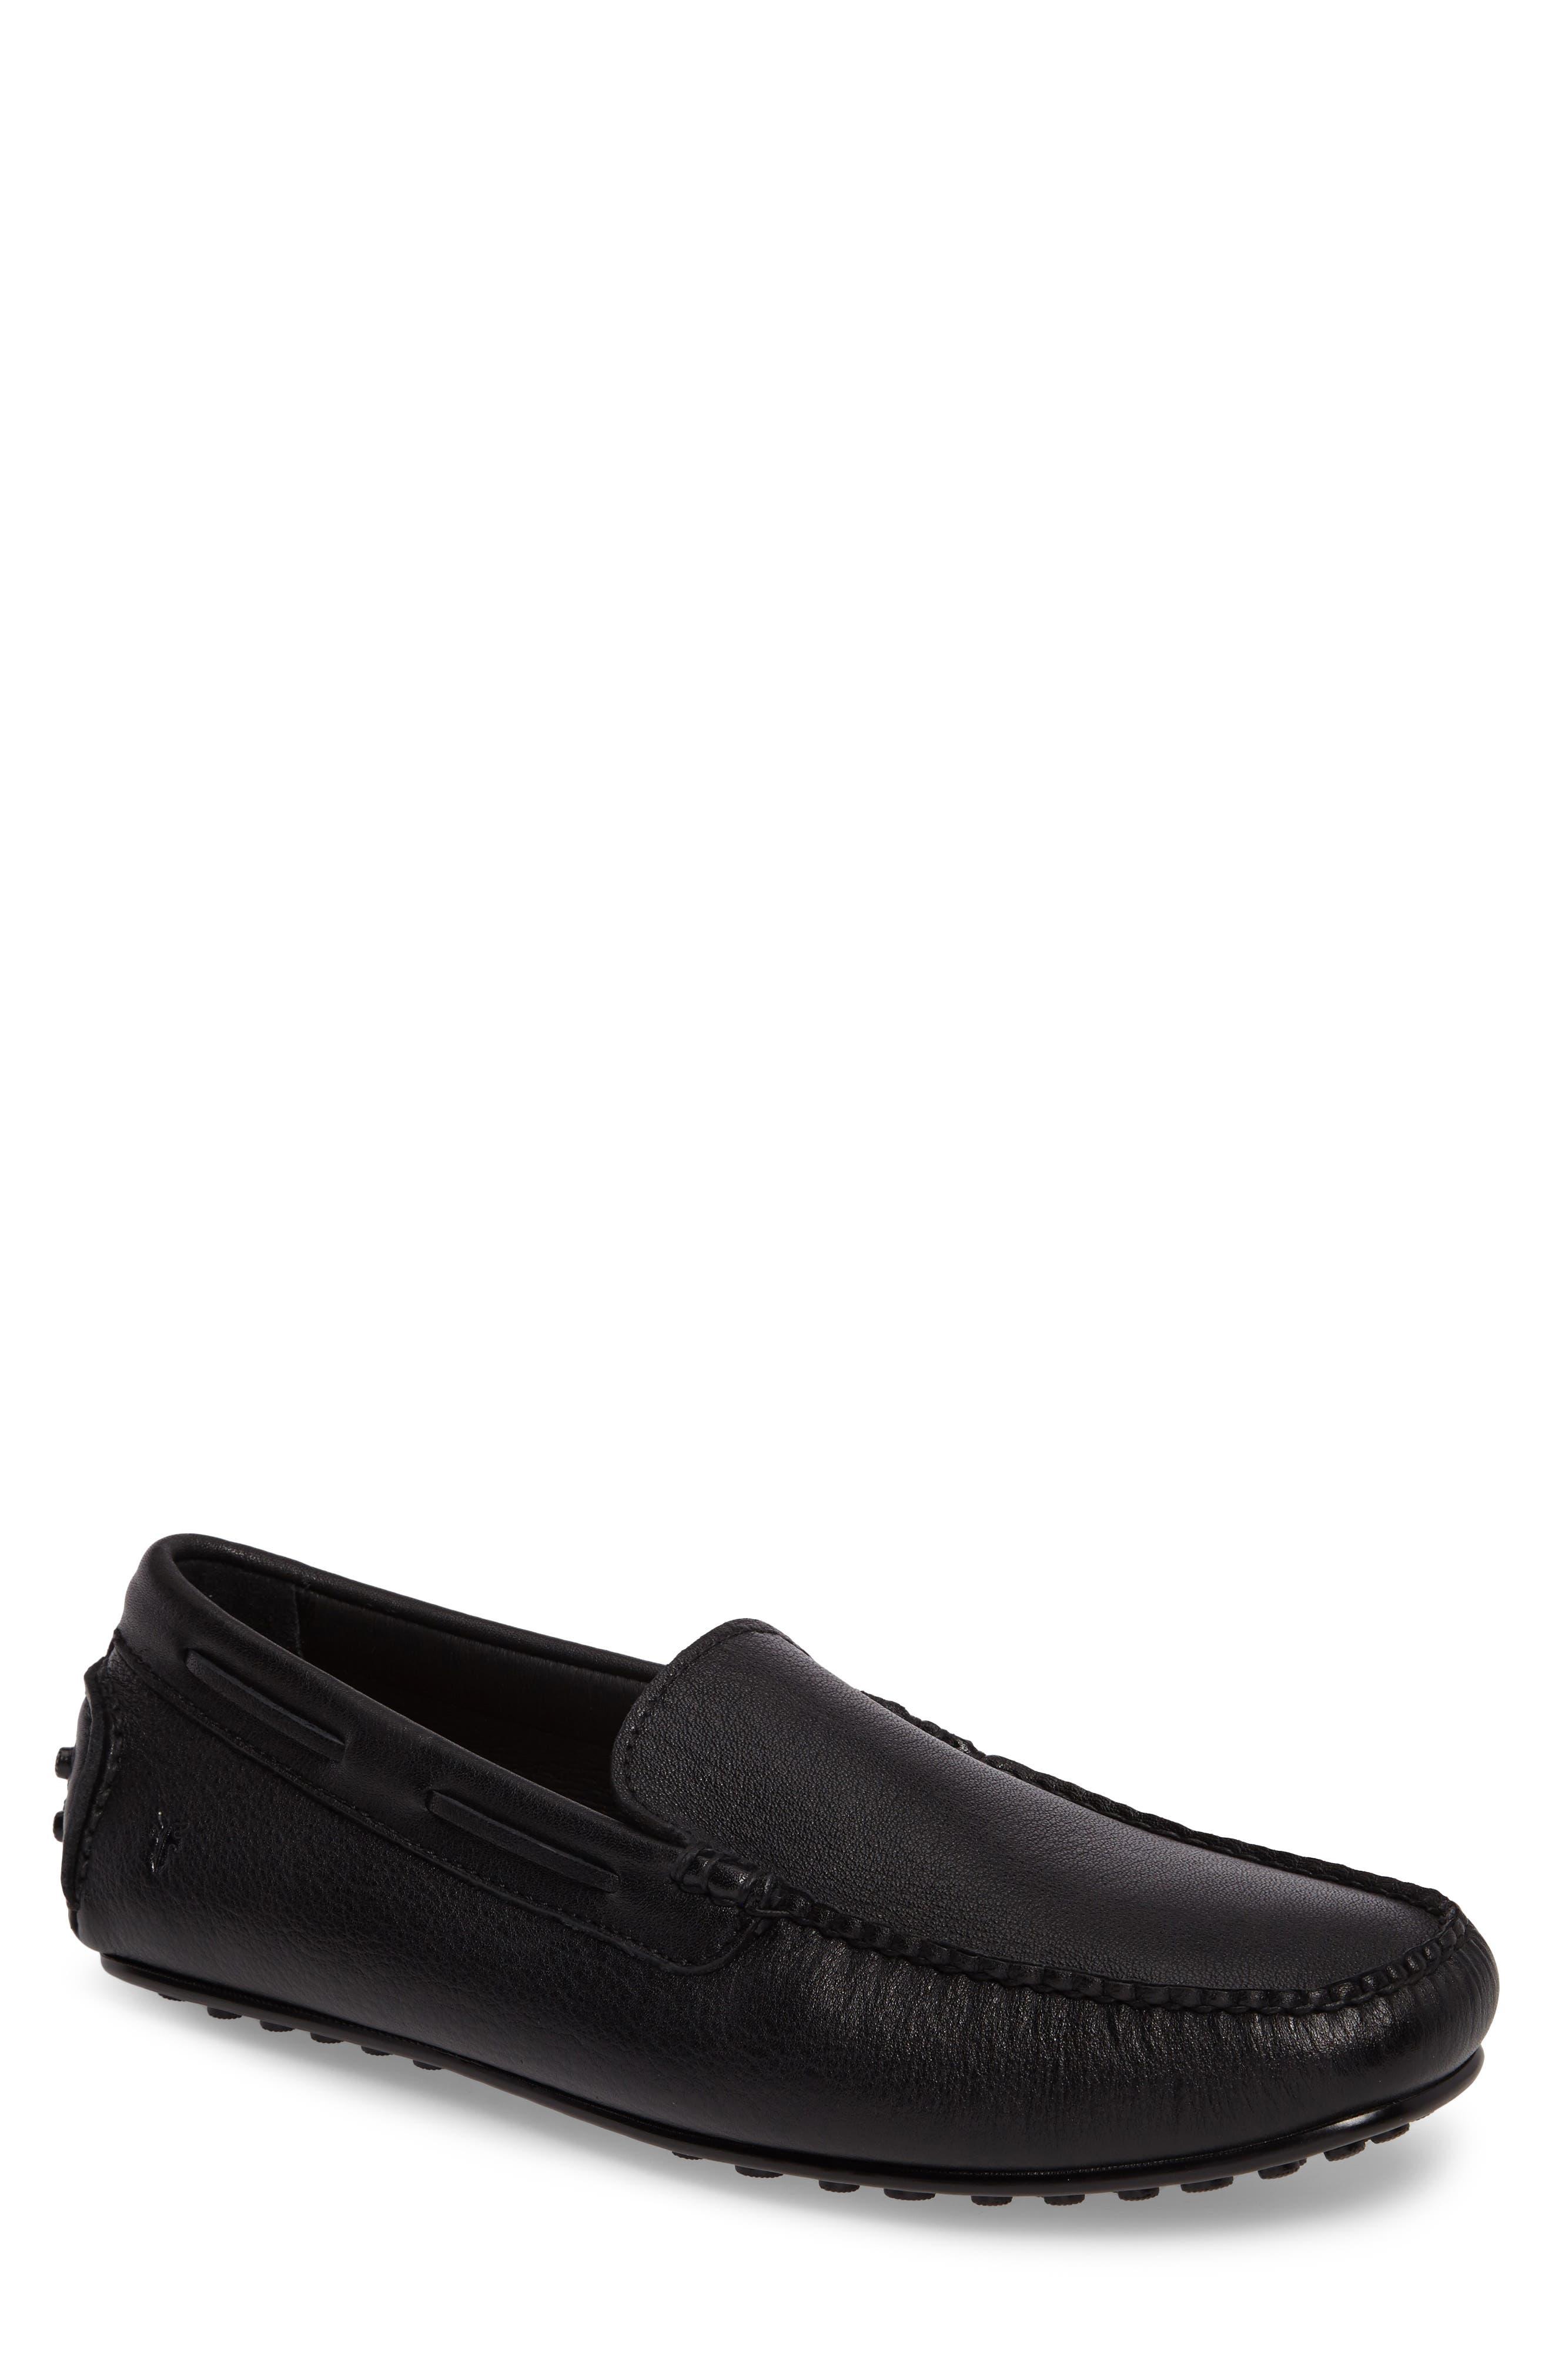 Allen Driving Shoe,                         Main,                         color, 001